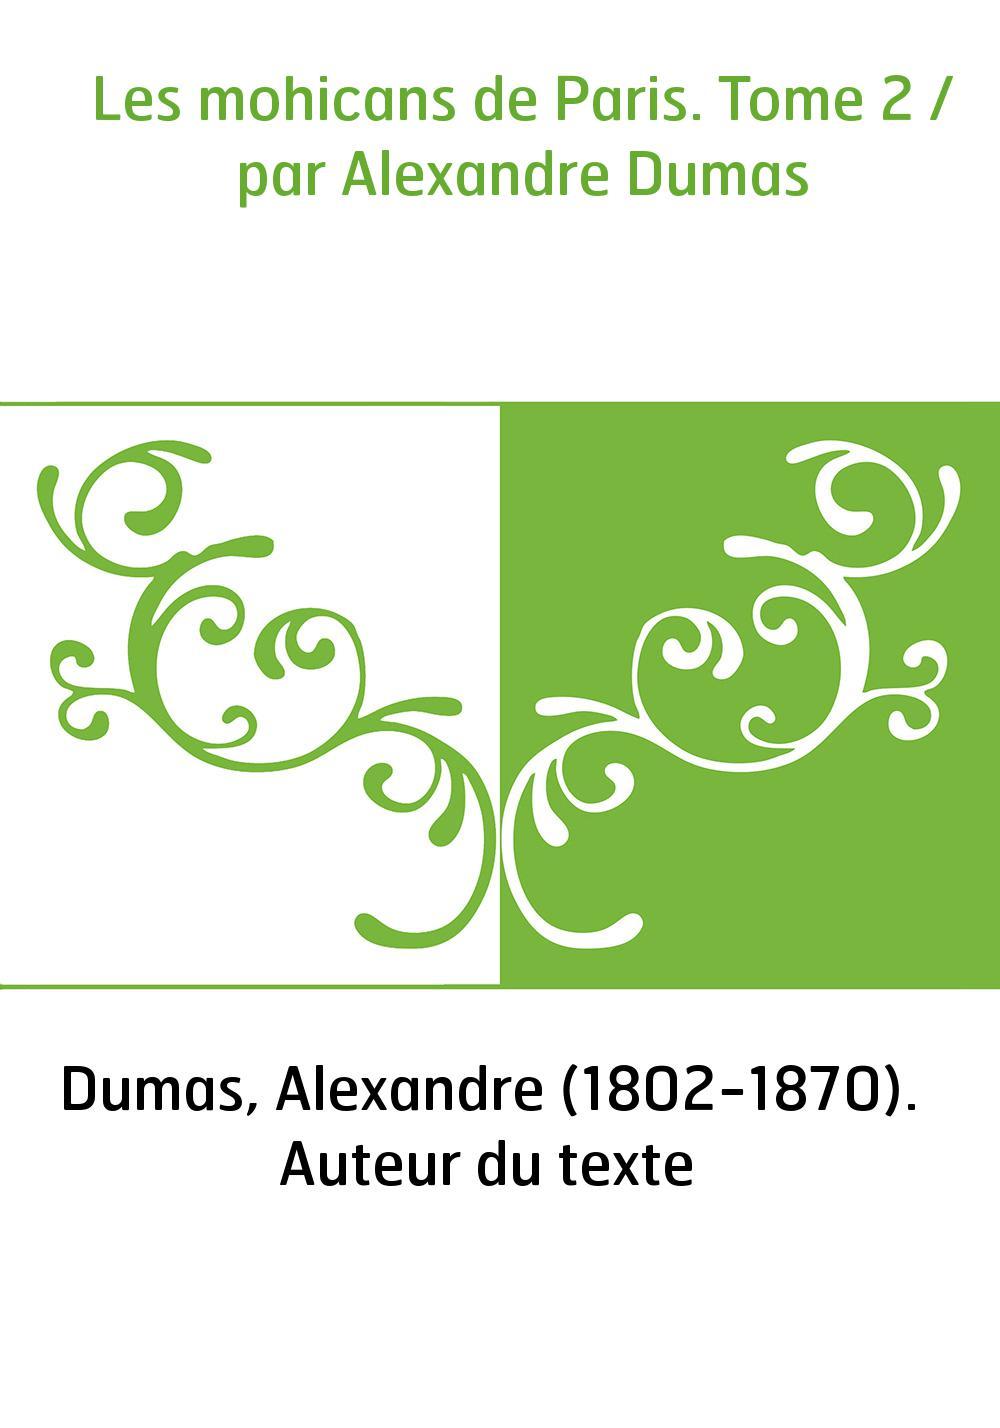 Les mohicans de Paris. Tome 2 / par Alexandre Dumas